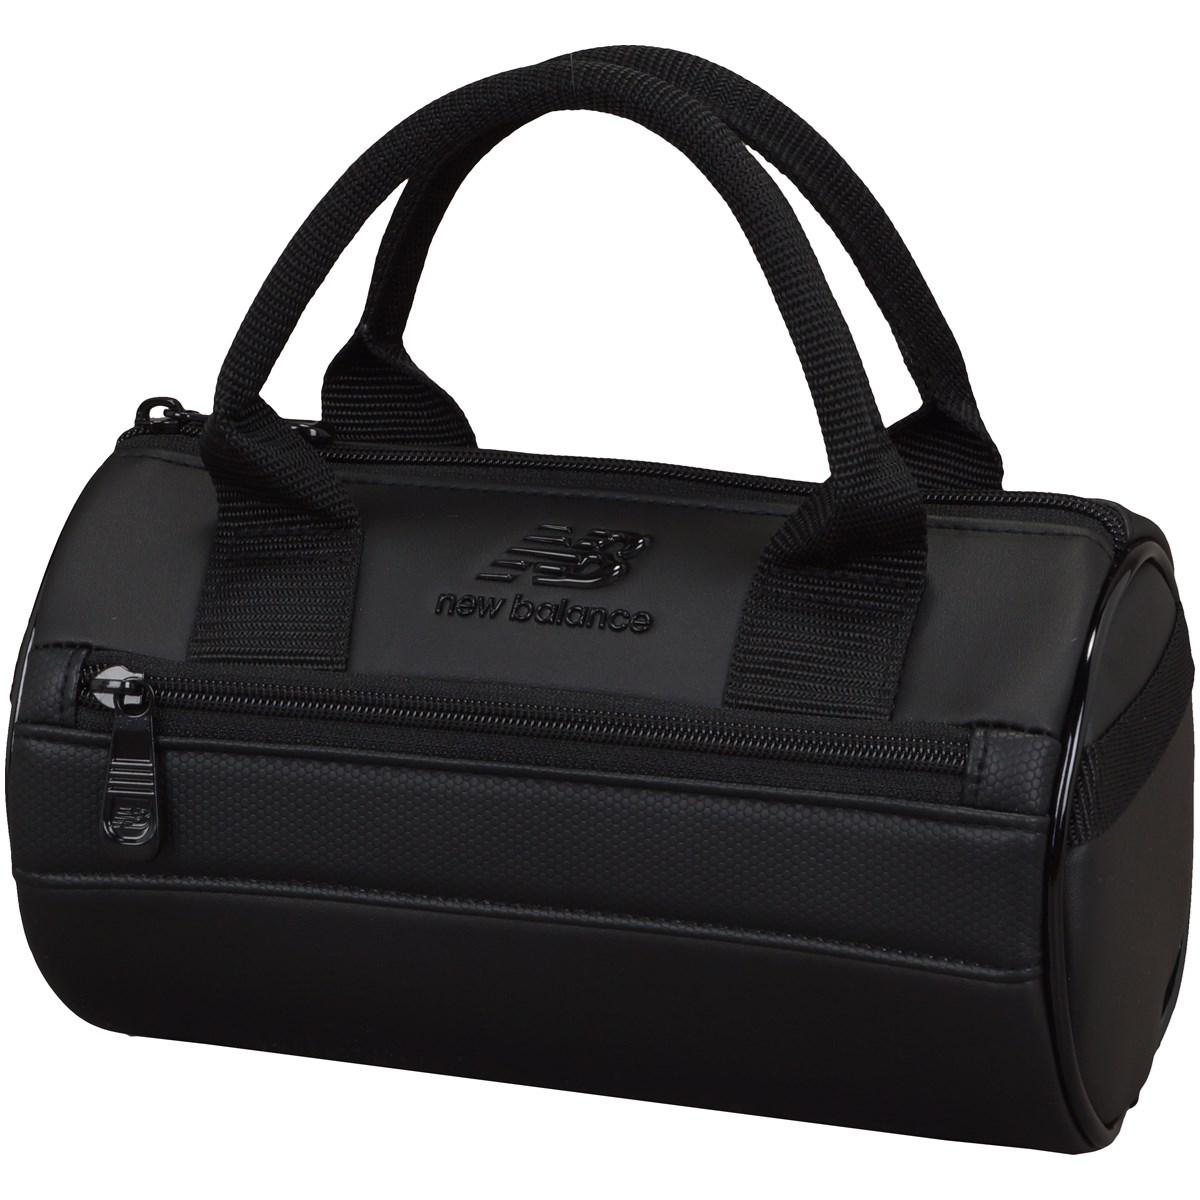 ニューバランス SPORT ロゴボストンカートバッグ